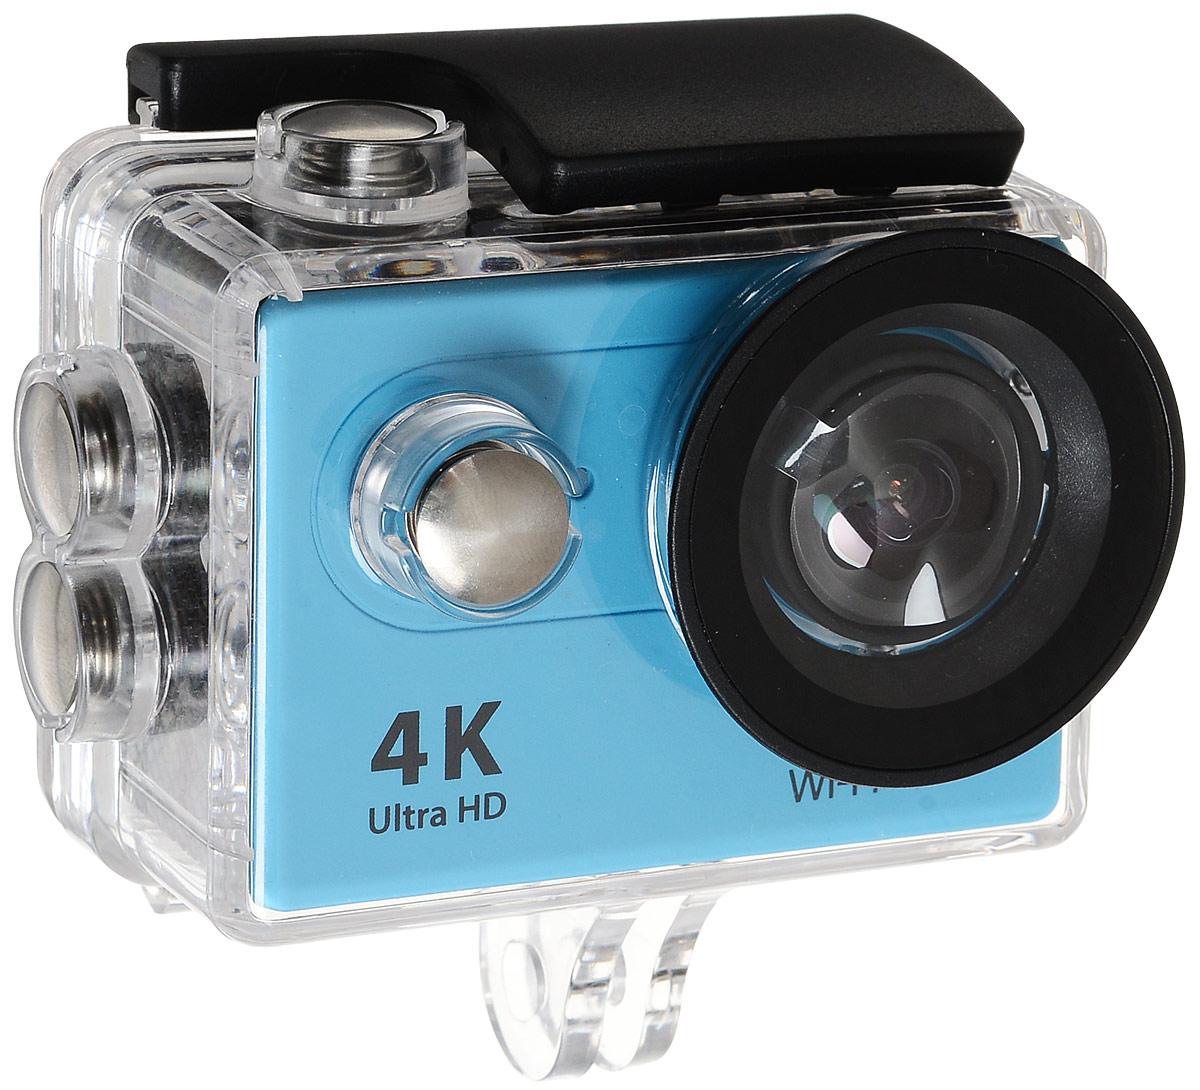 Eken H9R Ultra HD, Blue экшн-камераH9R BLUEЭкшн-камера Eken H9R Ultra HD позволяет записывать видео с разрешением 4К и очень плавным изображением до 30 кадров в секунду. Камера оснащена 2 TFT LCD экраном. Эта модель сделана для любителей спорта на улице, подводного плавания, скейтбординга, скай-дайвинга, скалолазания, бега или охоты. Снимайте с руки, на велосипеде, в машине и где угодно. По сравнению с предыдущими версиями, в Eken H9R Ultra HD вы найдете уменьшенные размеры корпуса, увеличенный до 2-х дюймов экран, невероятную оптику и фантастическое разрешение изображения при съемке 30 кадров в секунду!Управляйте вашей H9R на своем смартфоне или планшете. Приложение Ez iCam App позволяет работать с браузером и наблюдать все то, что видит ваша камера. В комплекте с камерой идет пульт ДУ работающий на частоте 2,4 ГГц. Он позволяет начинать и заканчивать съемку удаленно.Как выбрать экшн-камеру. Статья OZON Гид